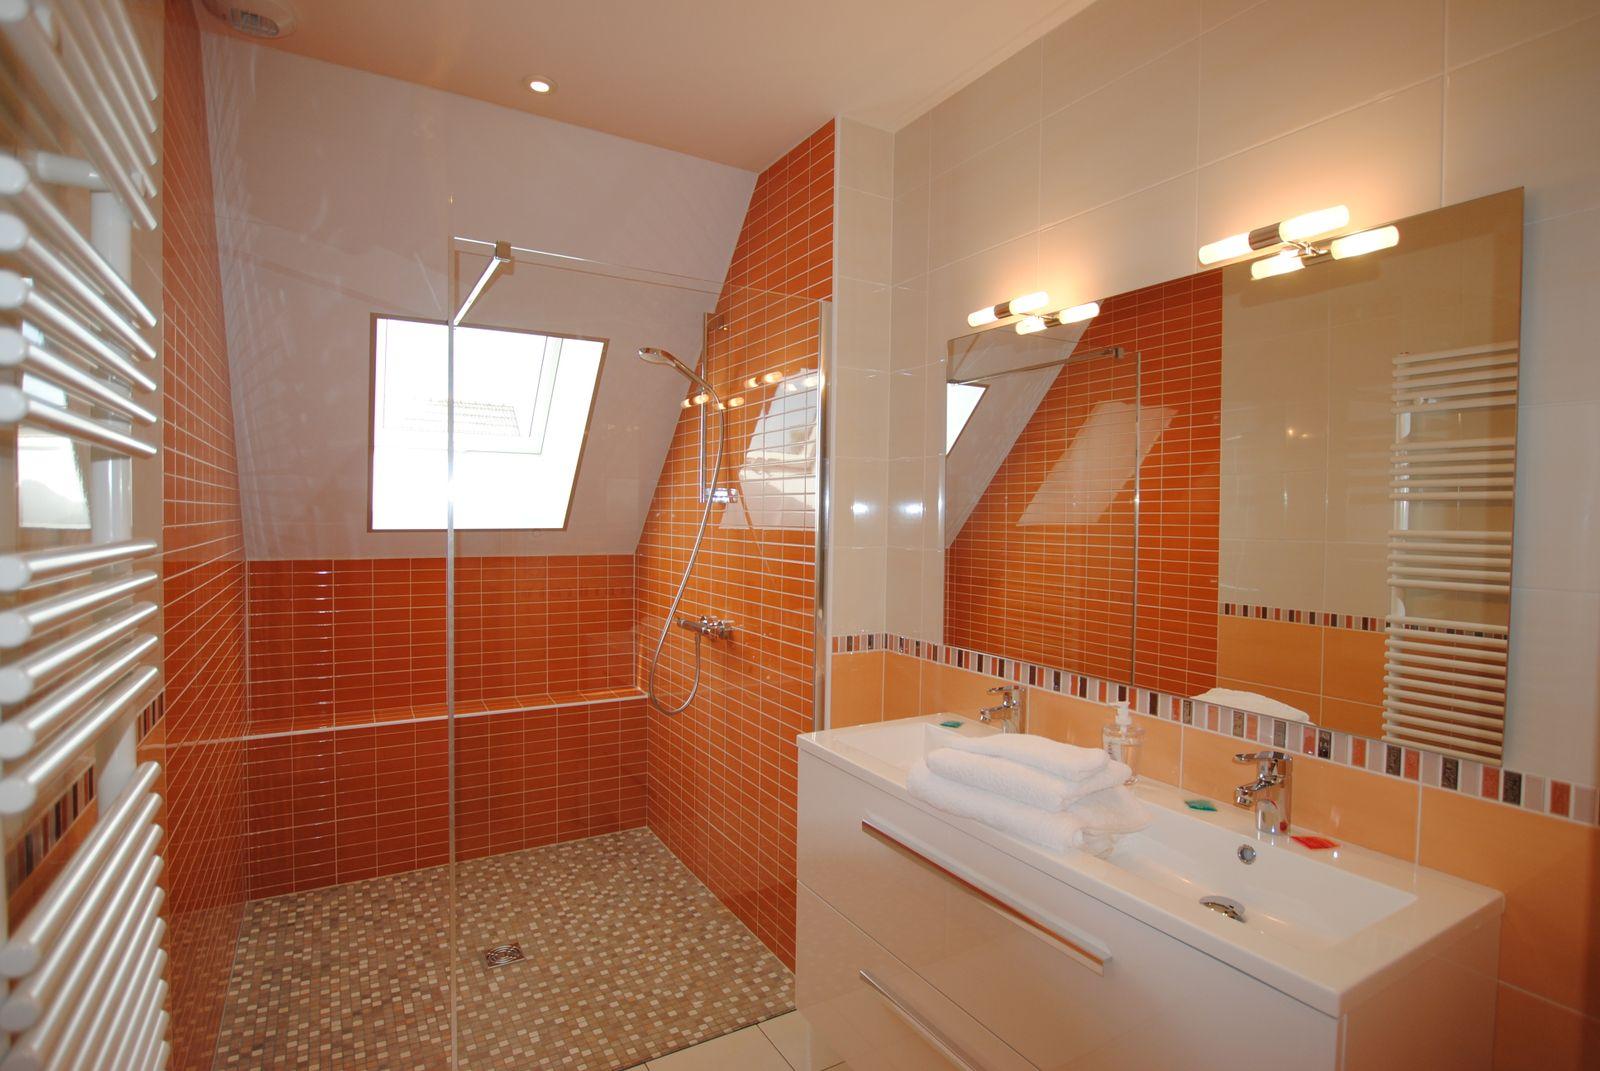 51G496 - Igny Comblizy - L'Epi Doré - Salle d'eau 1er étage